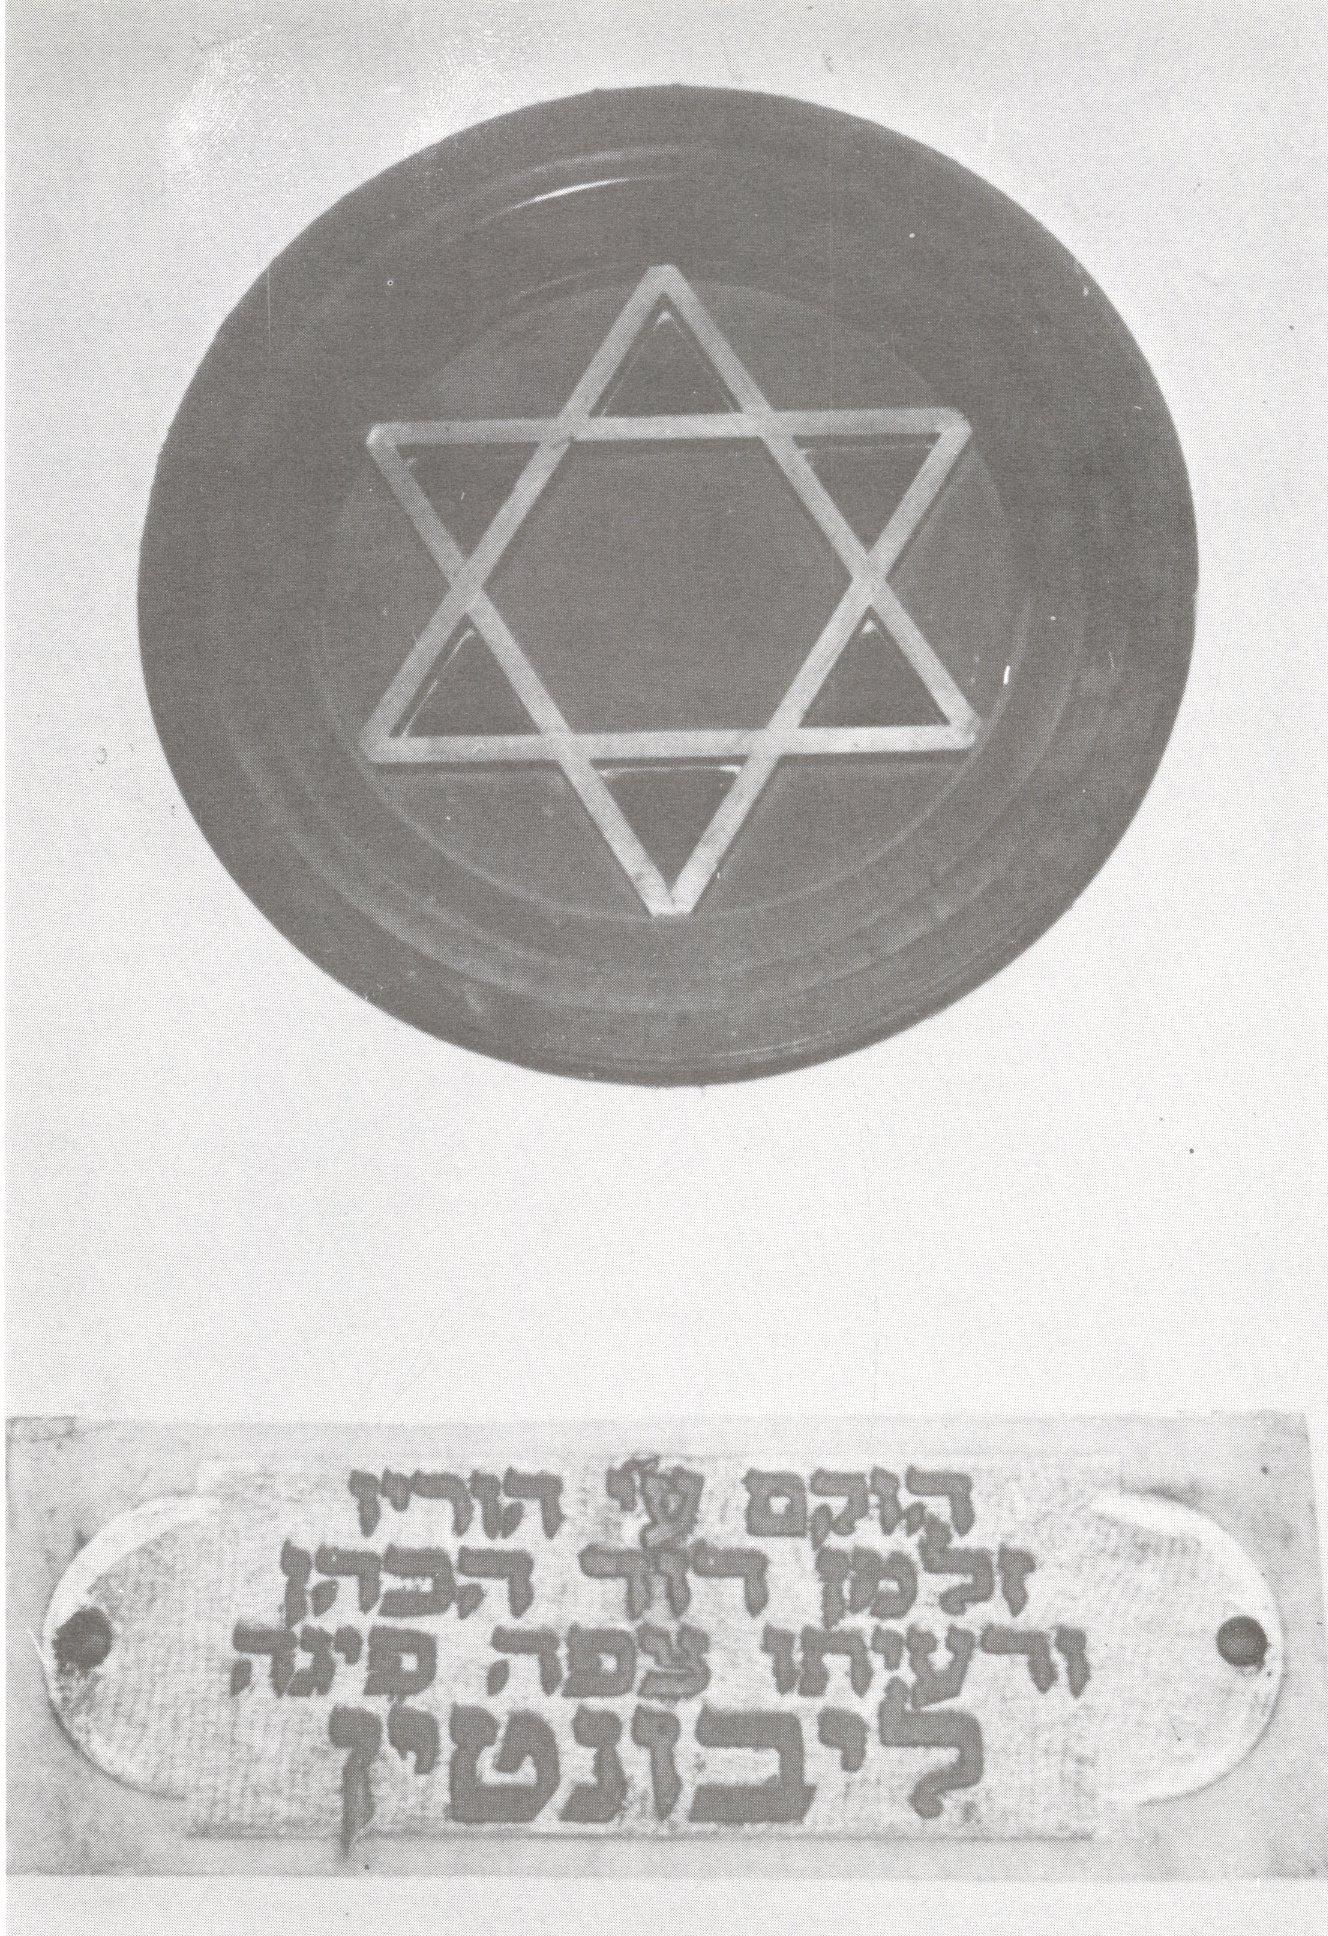 הנצחת בני משפחת לבונטין בית הכנסת הגדול ספר היובל לבית הכנסת הגדול